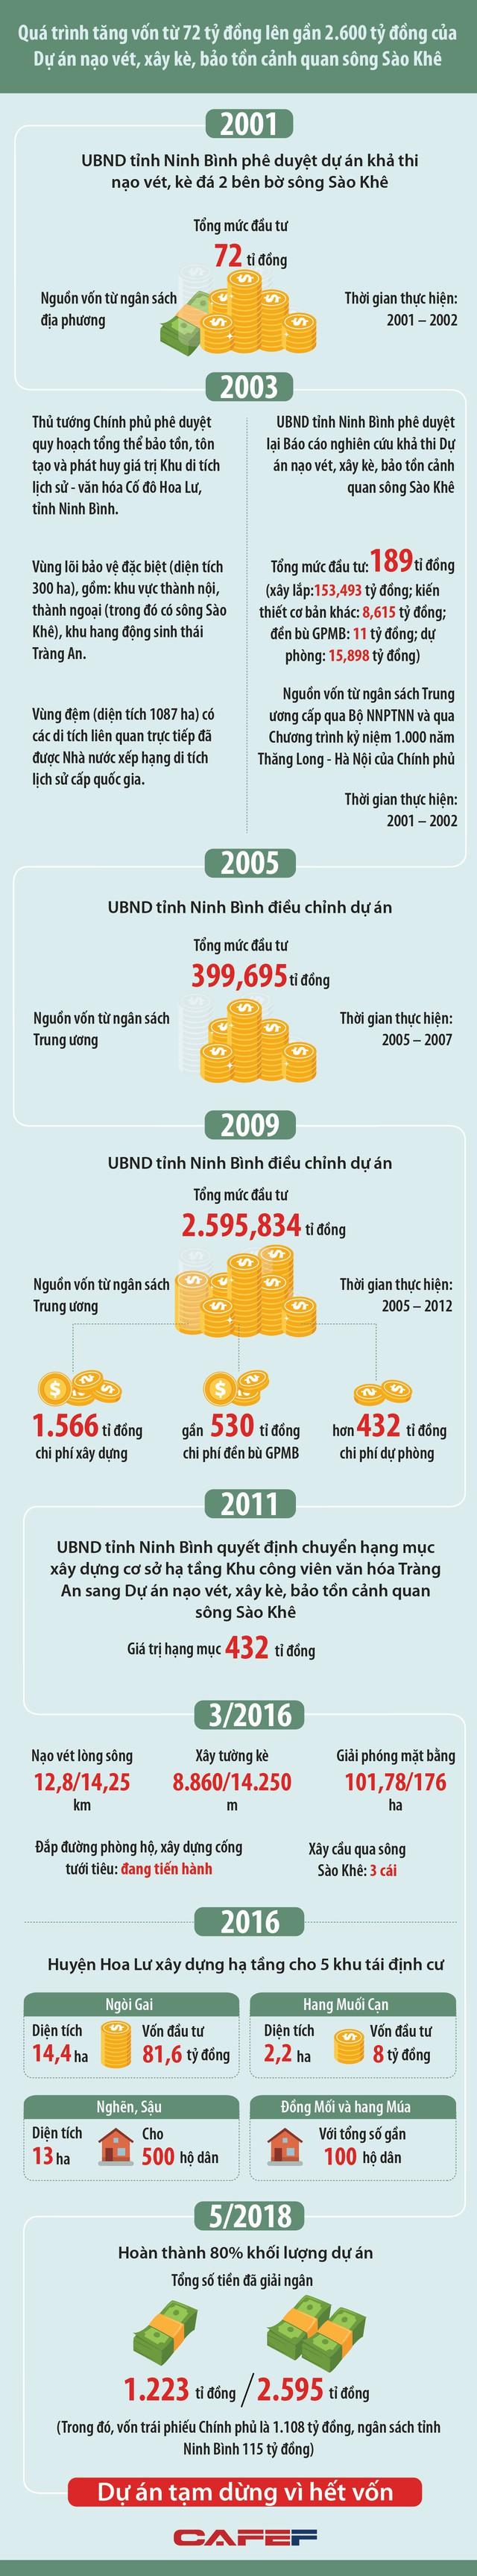 Nhìn lại 3 lần tăng vốn dự án nạo vét sông Sào Khê từ 72 tỷ đồng lên gần 2.600 tỷ đồng ở Ninh Bình - Ảnh 1.